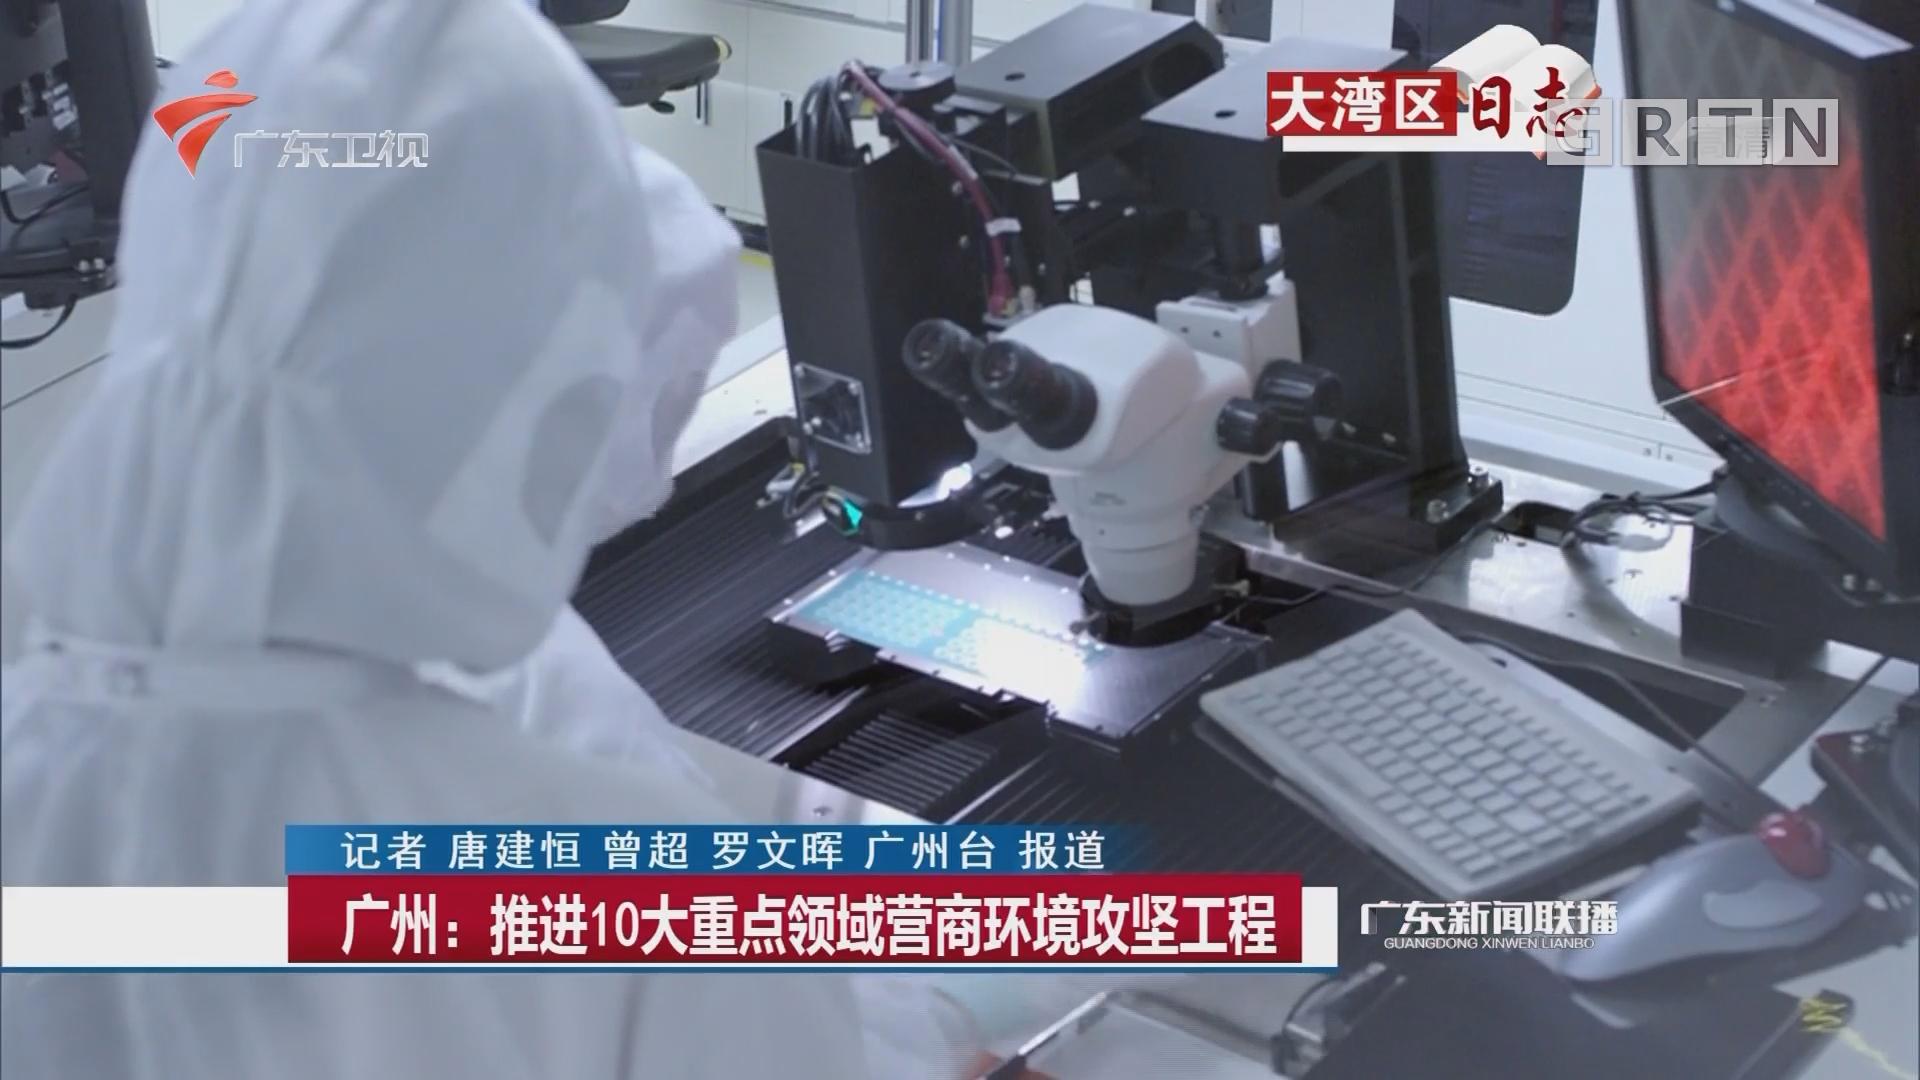 广州:推进10大重点领域营商环境攻坚工程